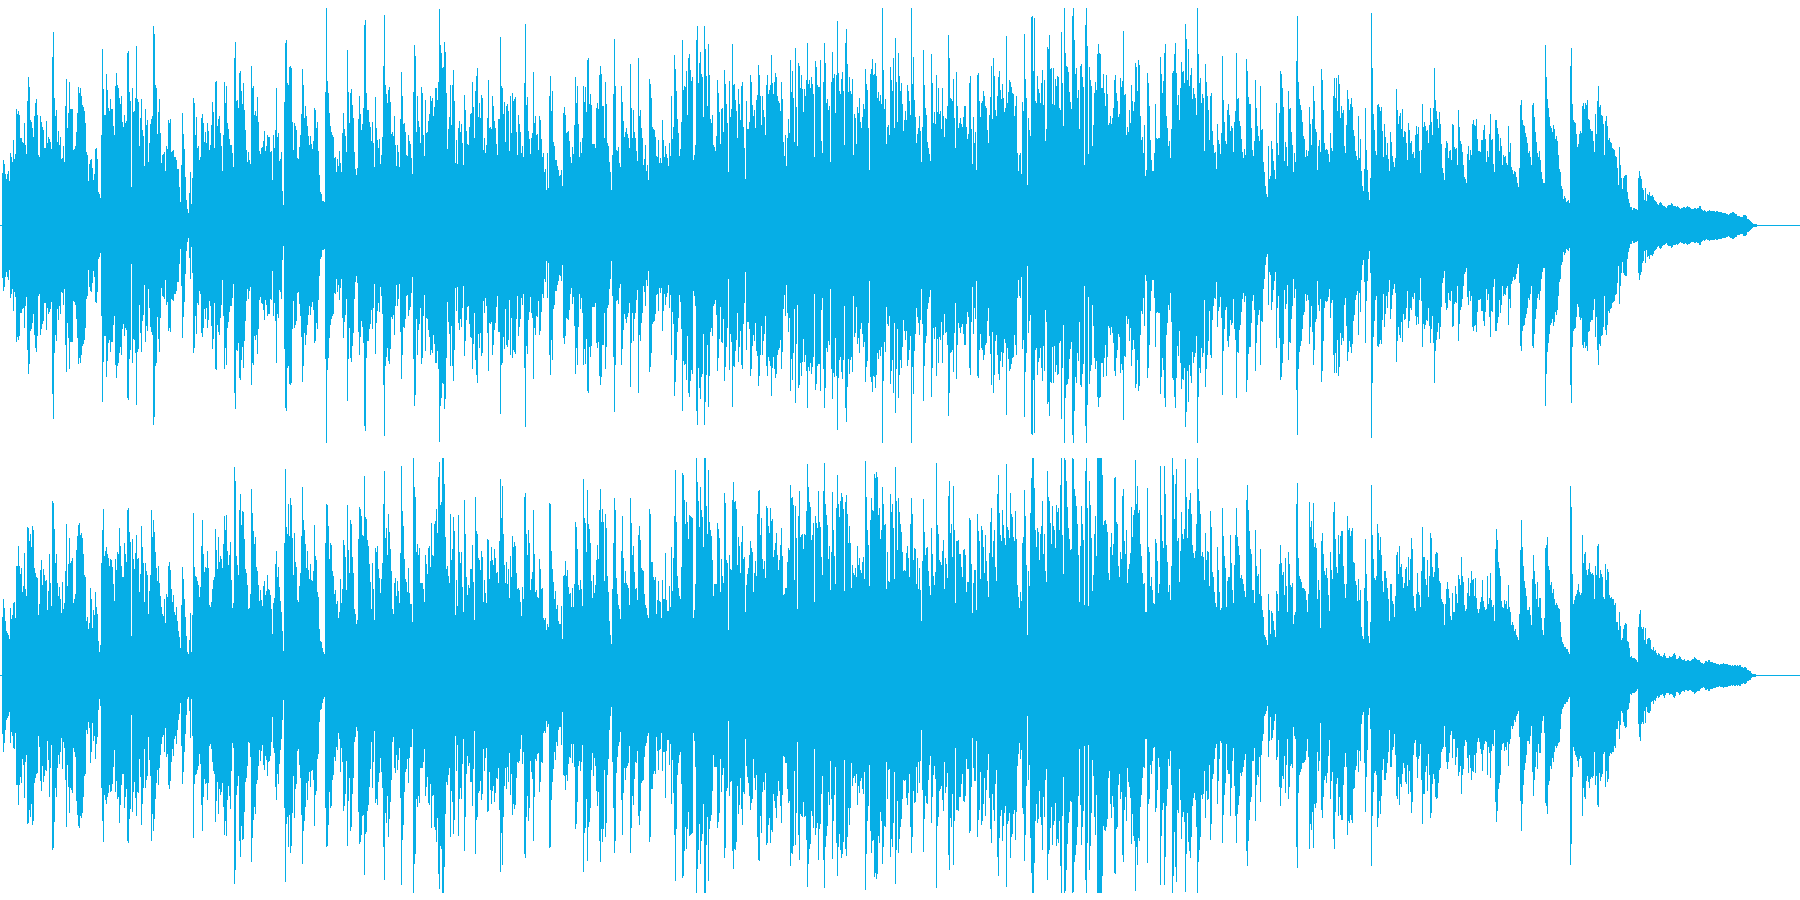 素敵な夜のロマンチックなジャズ・ワルツの再生済みの波形